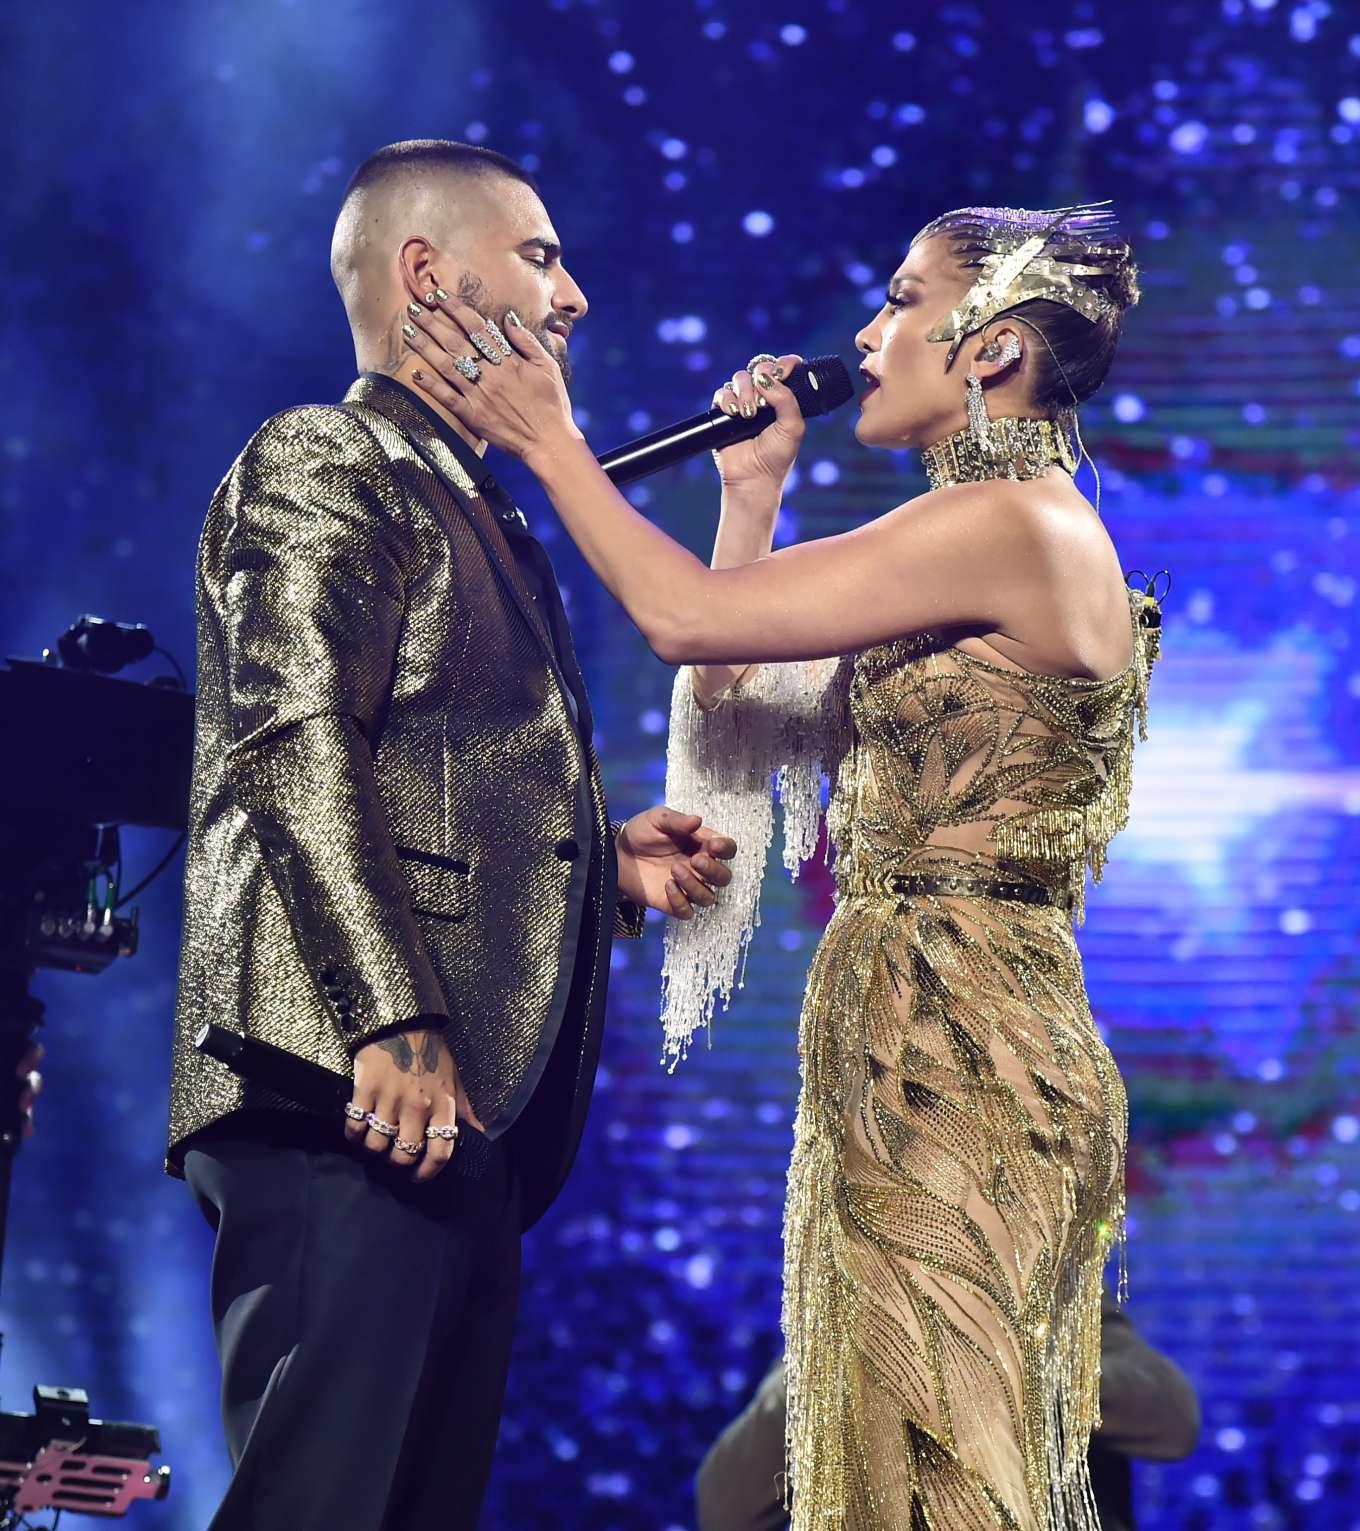 Jennifer Lopez 2019 : Jennifer Lopez joins Maluma onstage at Madison Square Garden-02